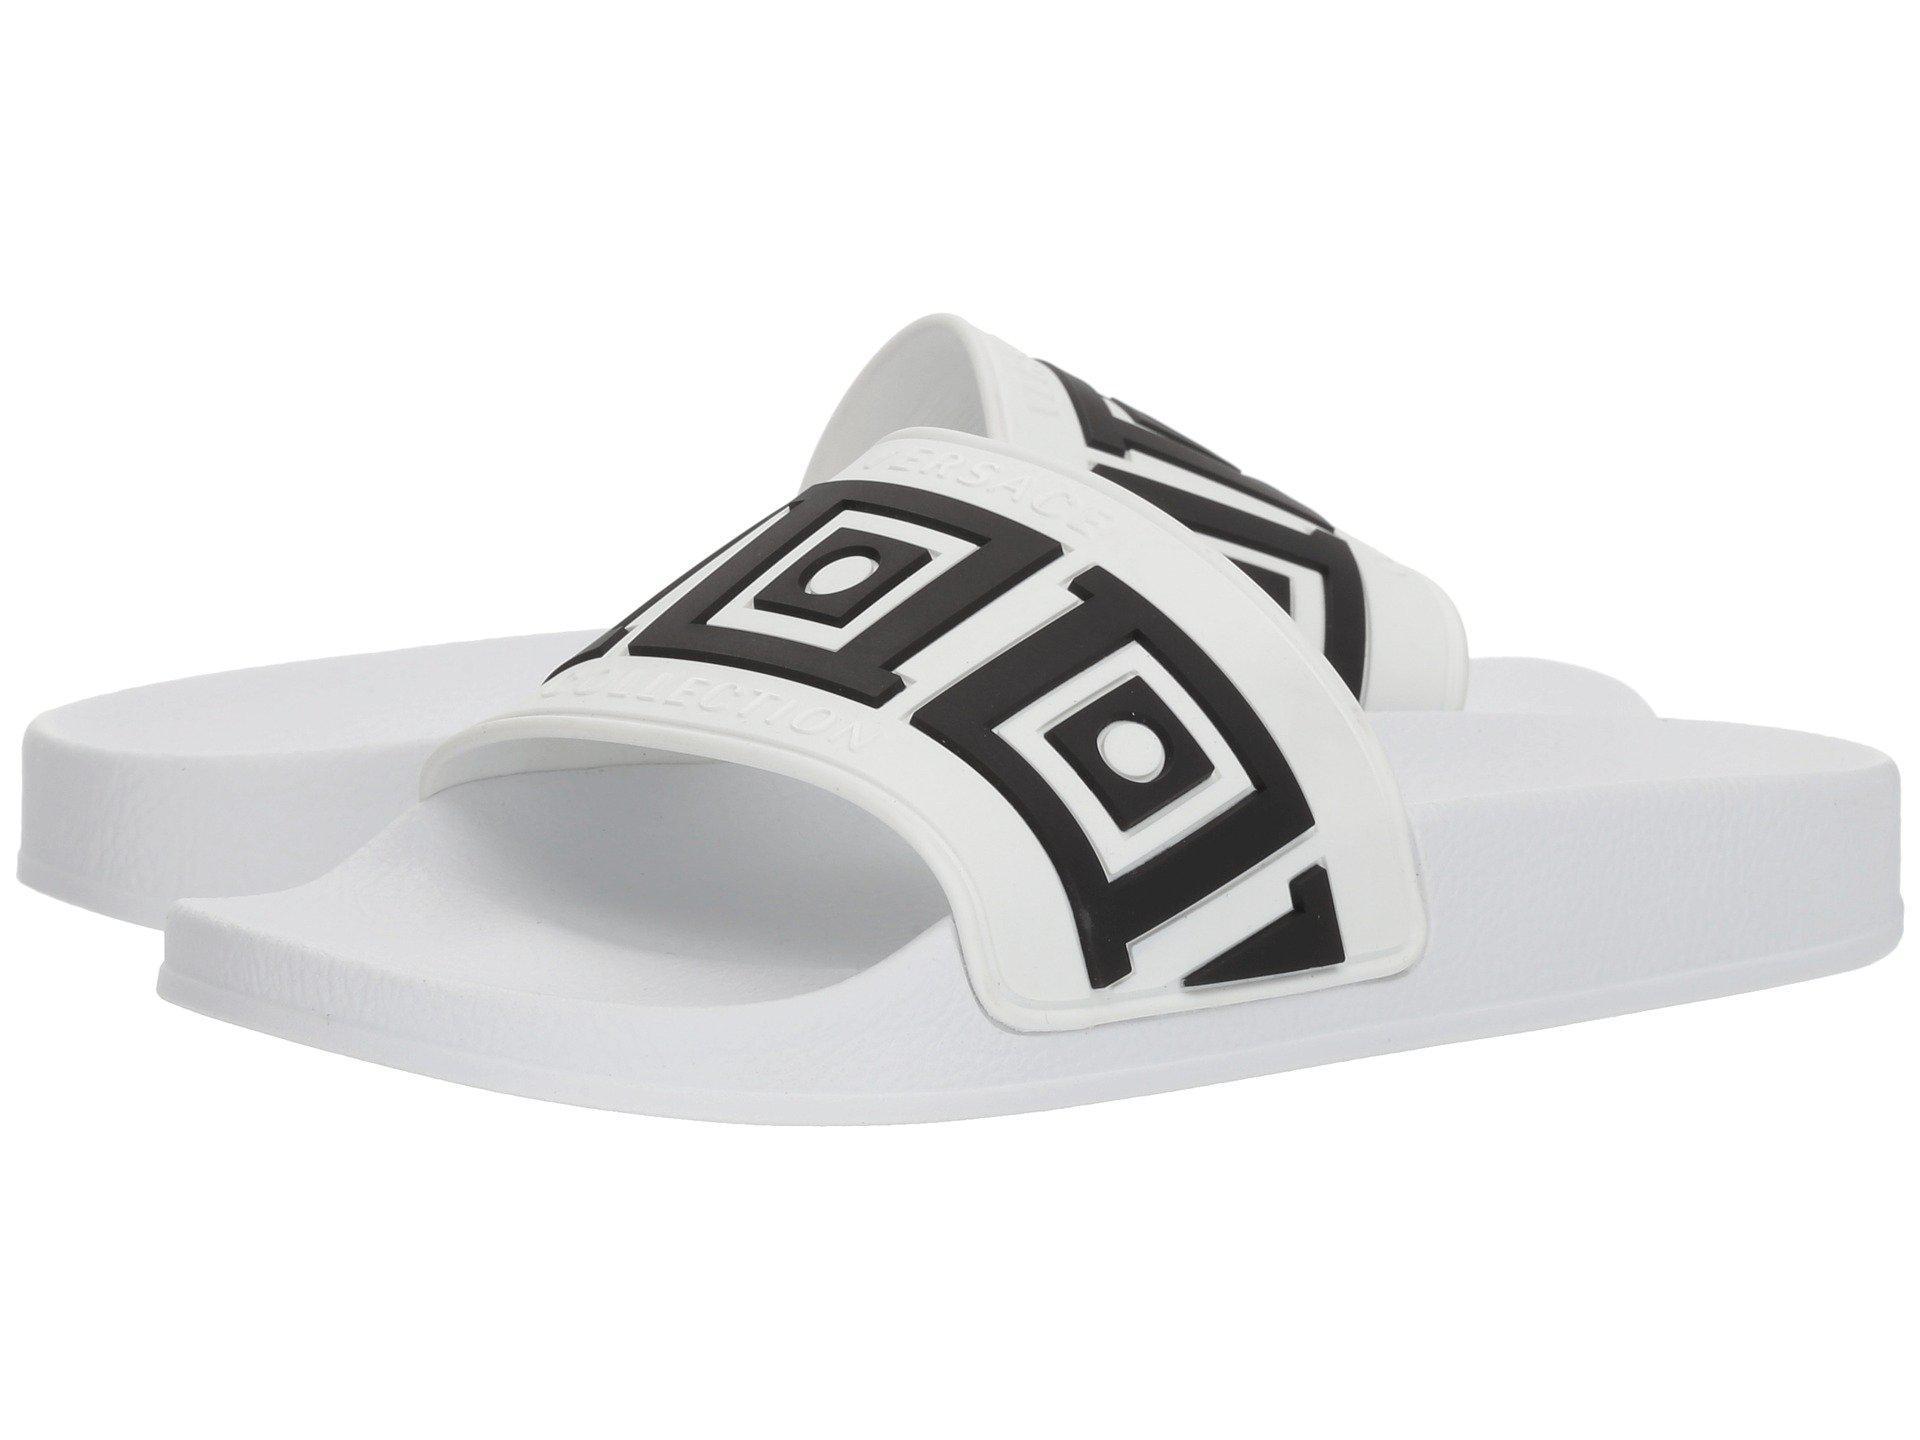 5c07a6662 Versace - Greca Pool Slide (black white) Men s Shoes for Men - Lyst. View  fullscreen